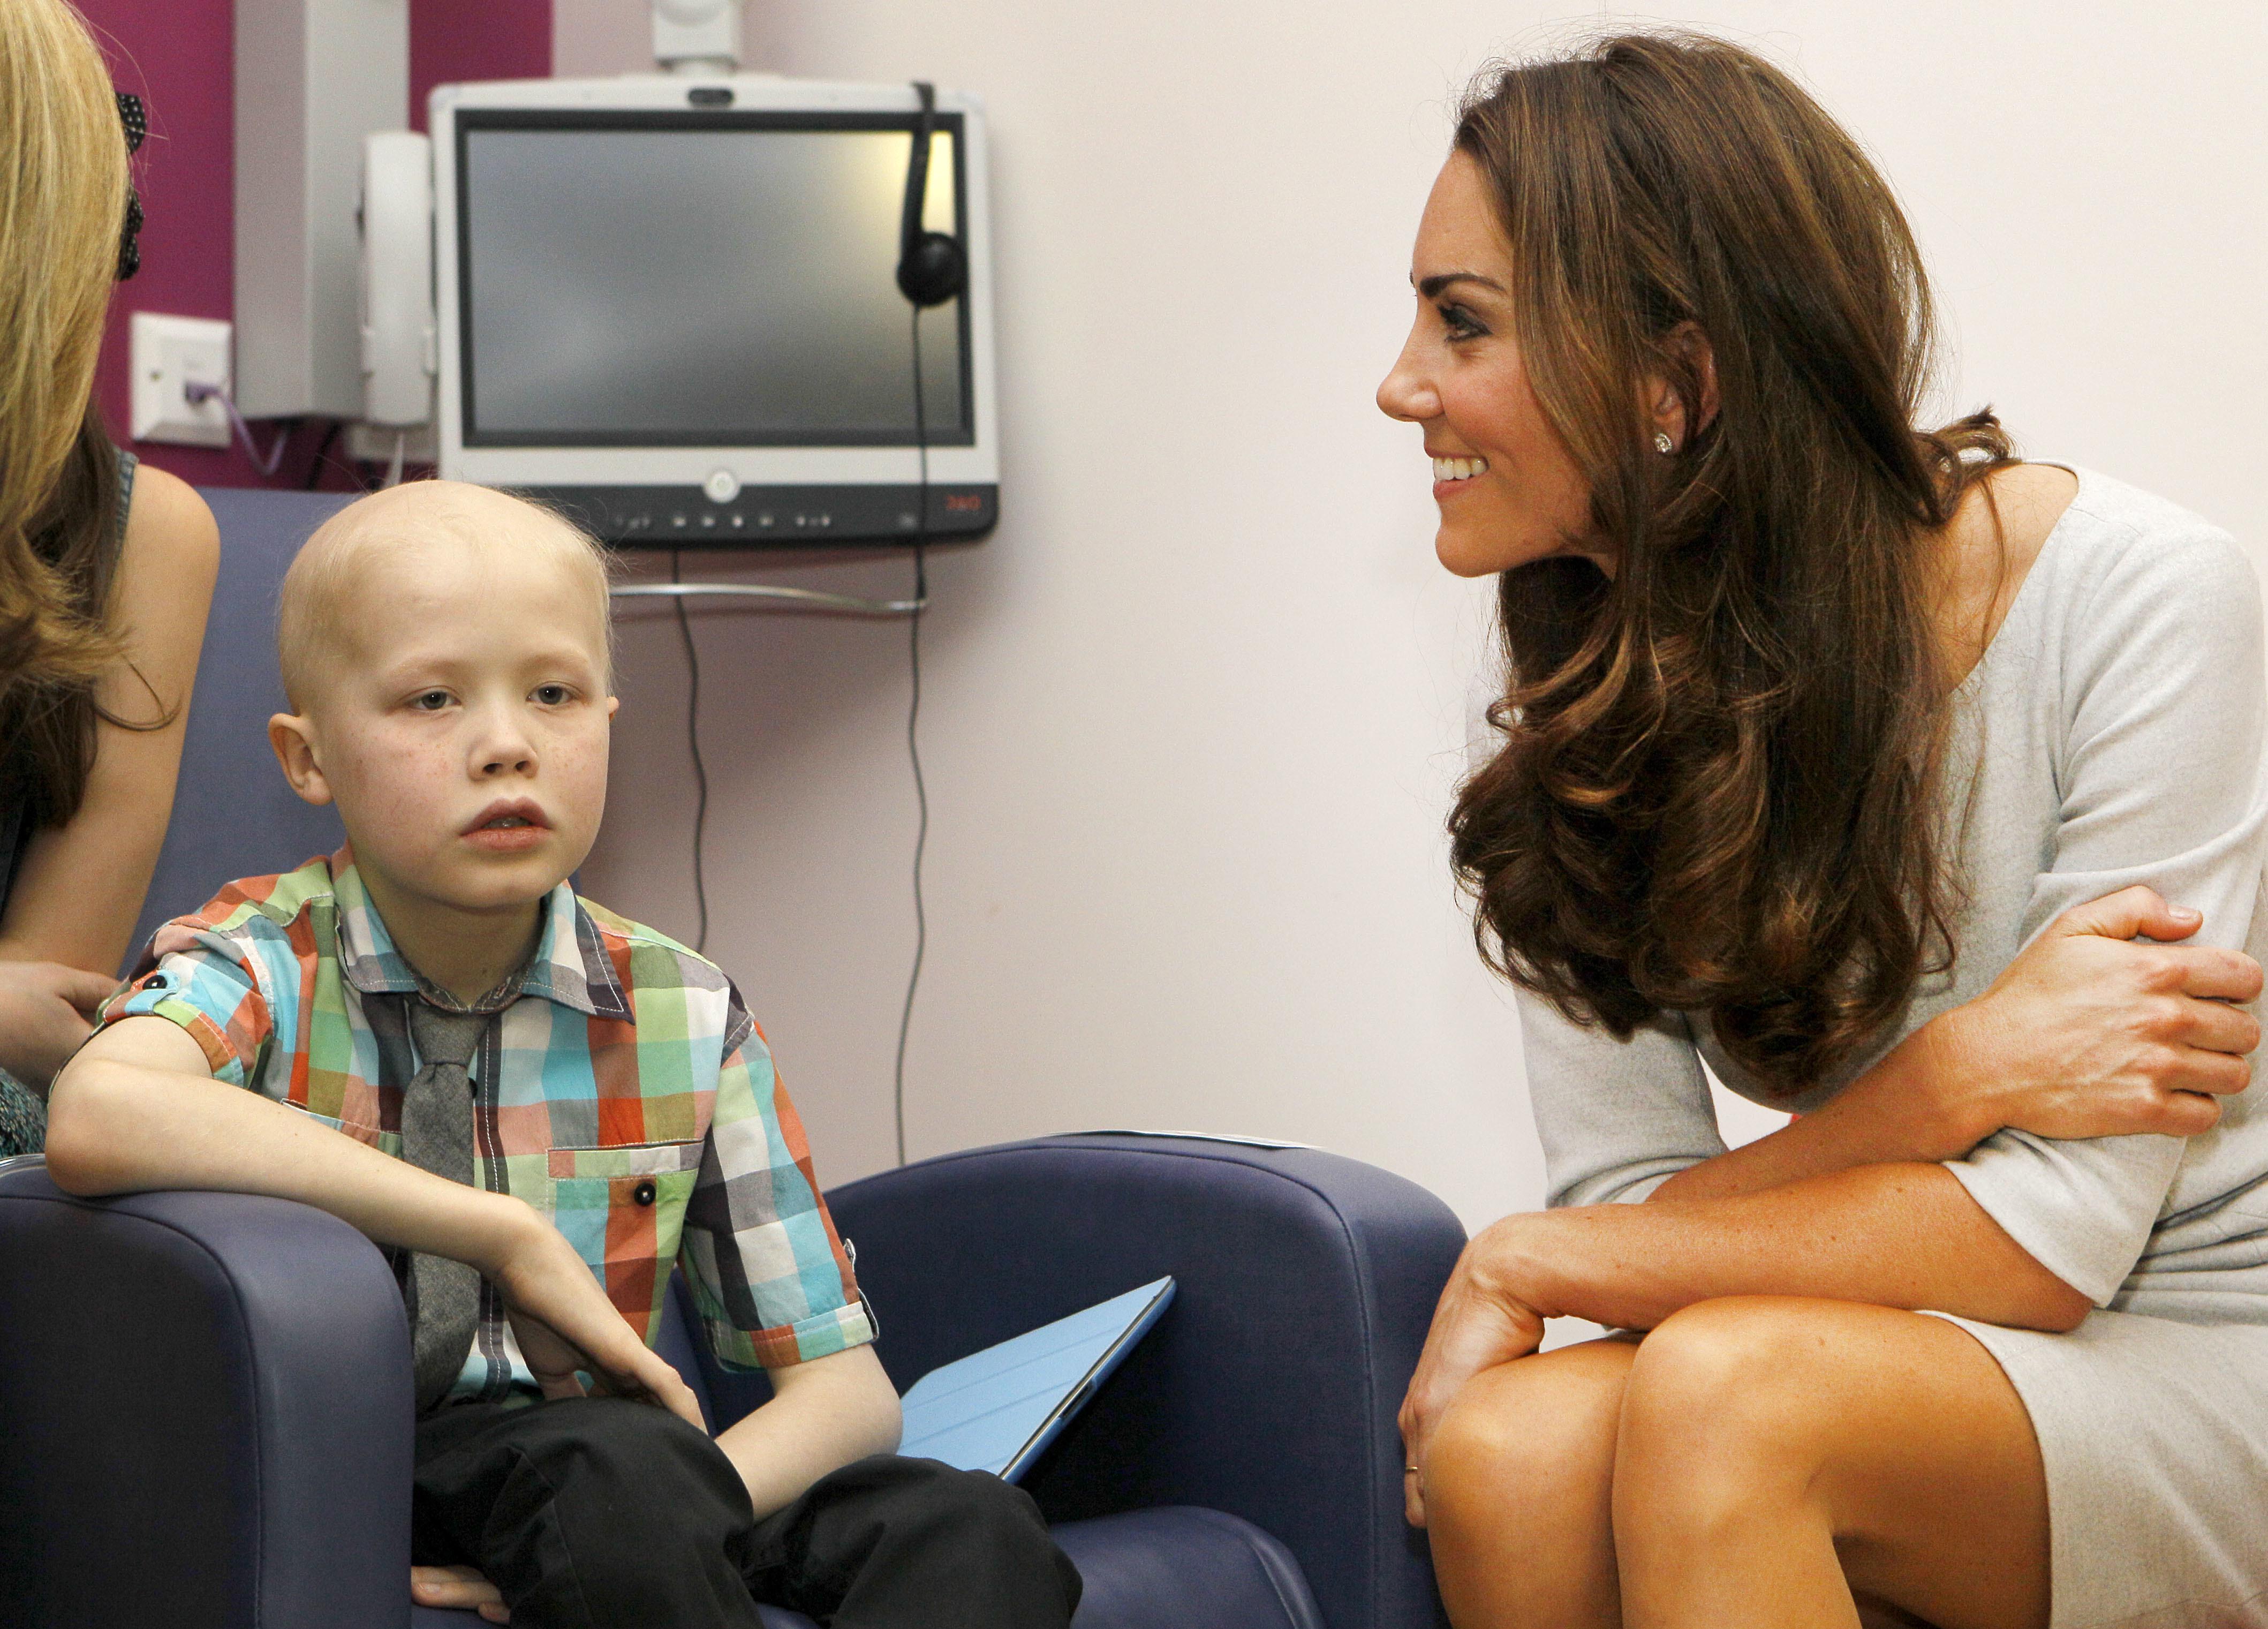 Duchess Kate children's hospital